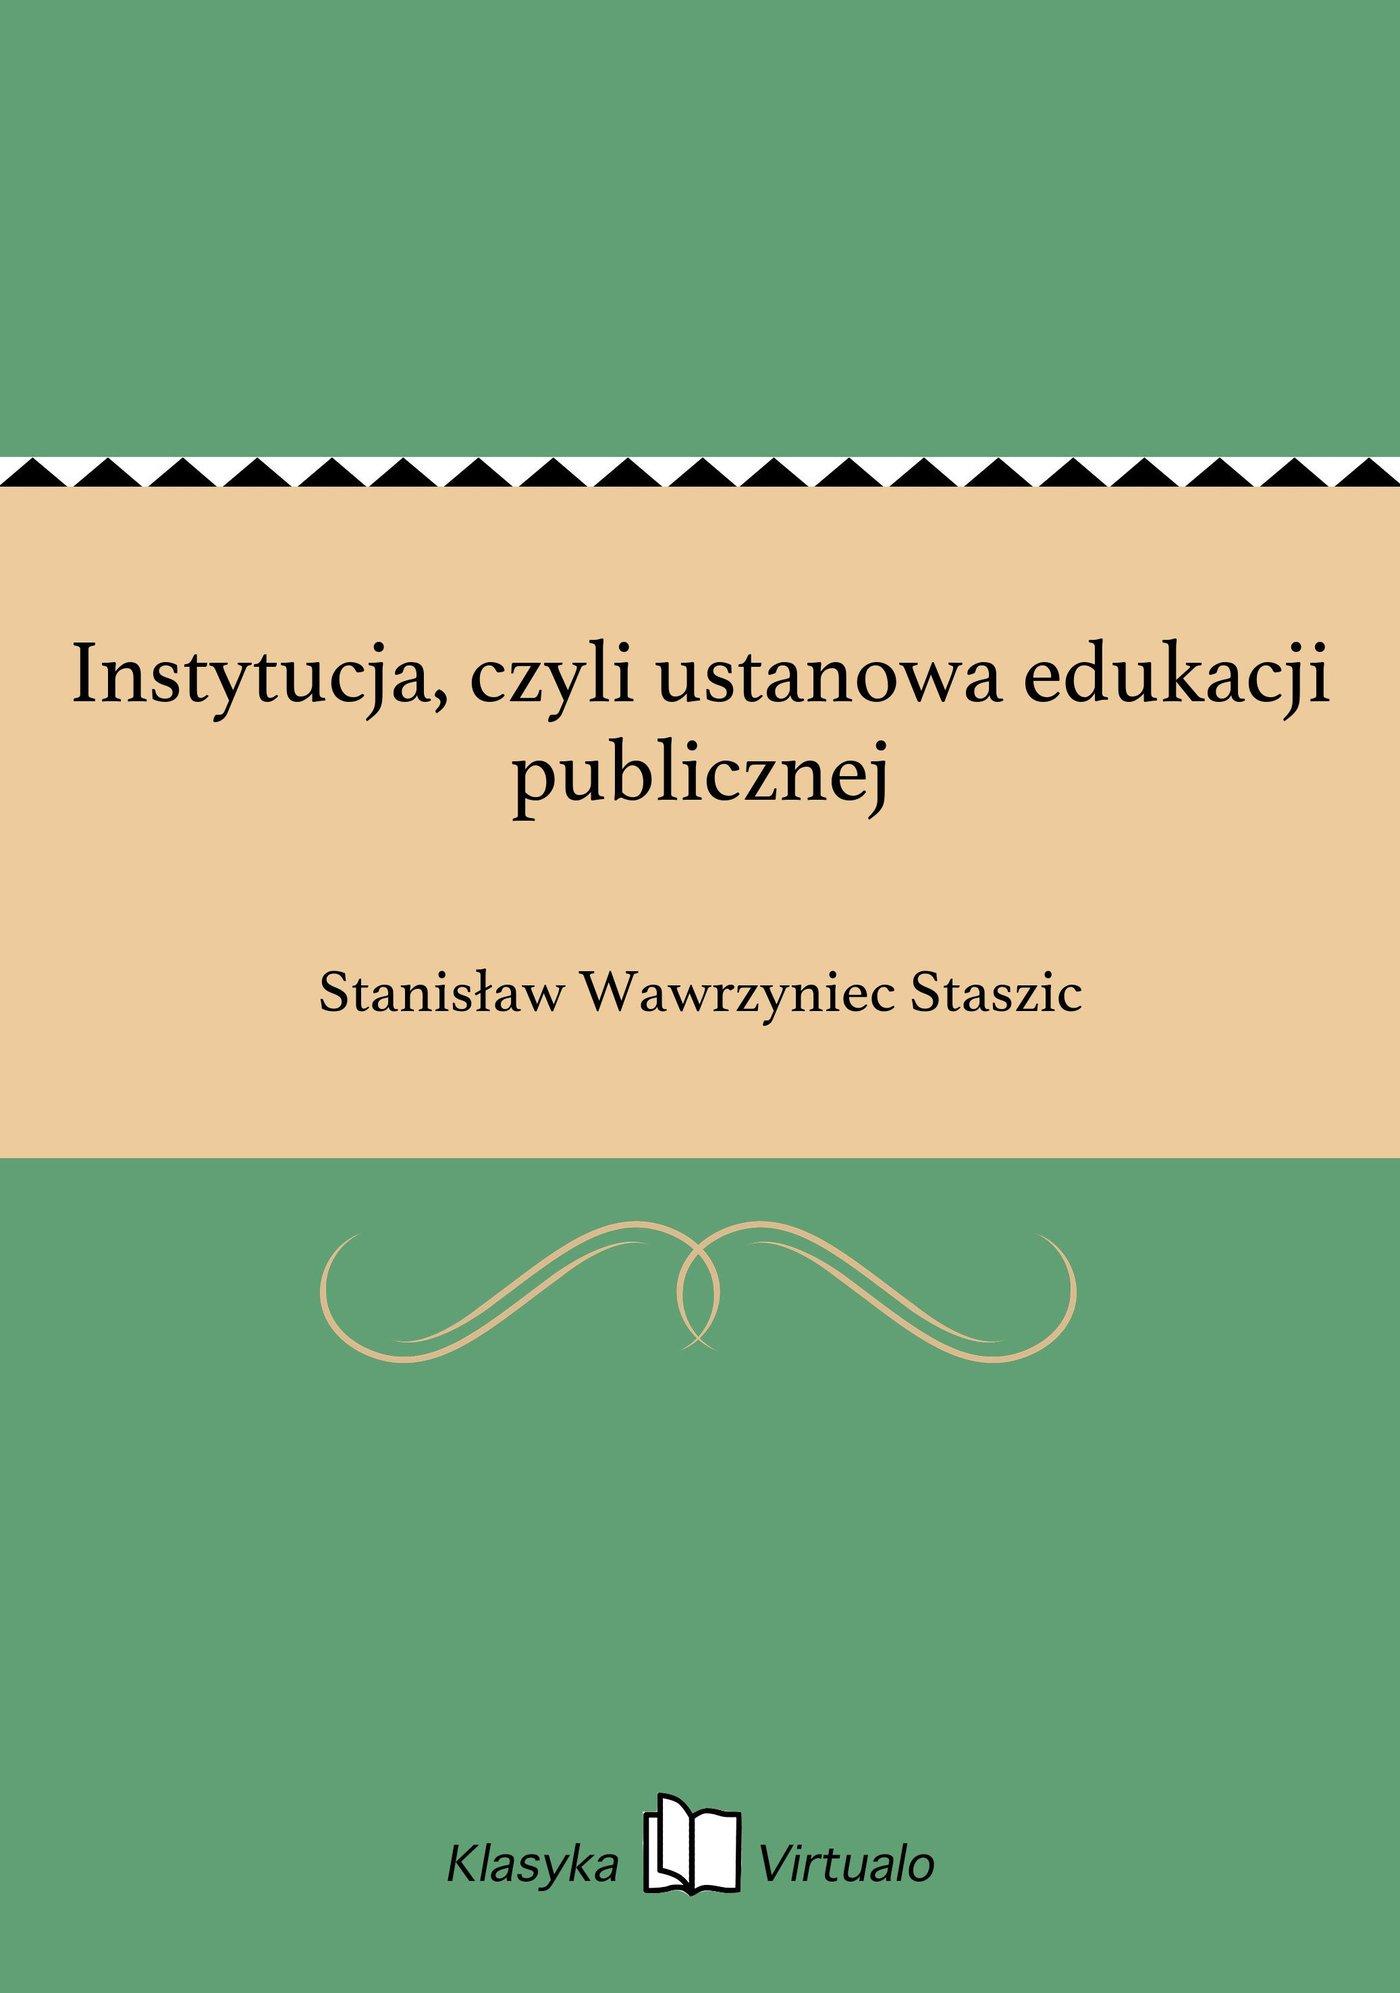 Instytucja, czyli ustanowa edukacji publicznej - Ebook (Książka EPUB) do pobrania w formacie EPUB